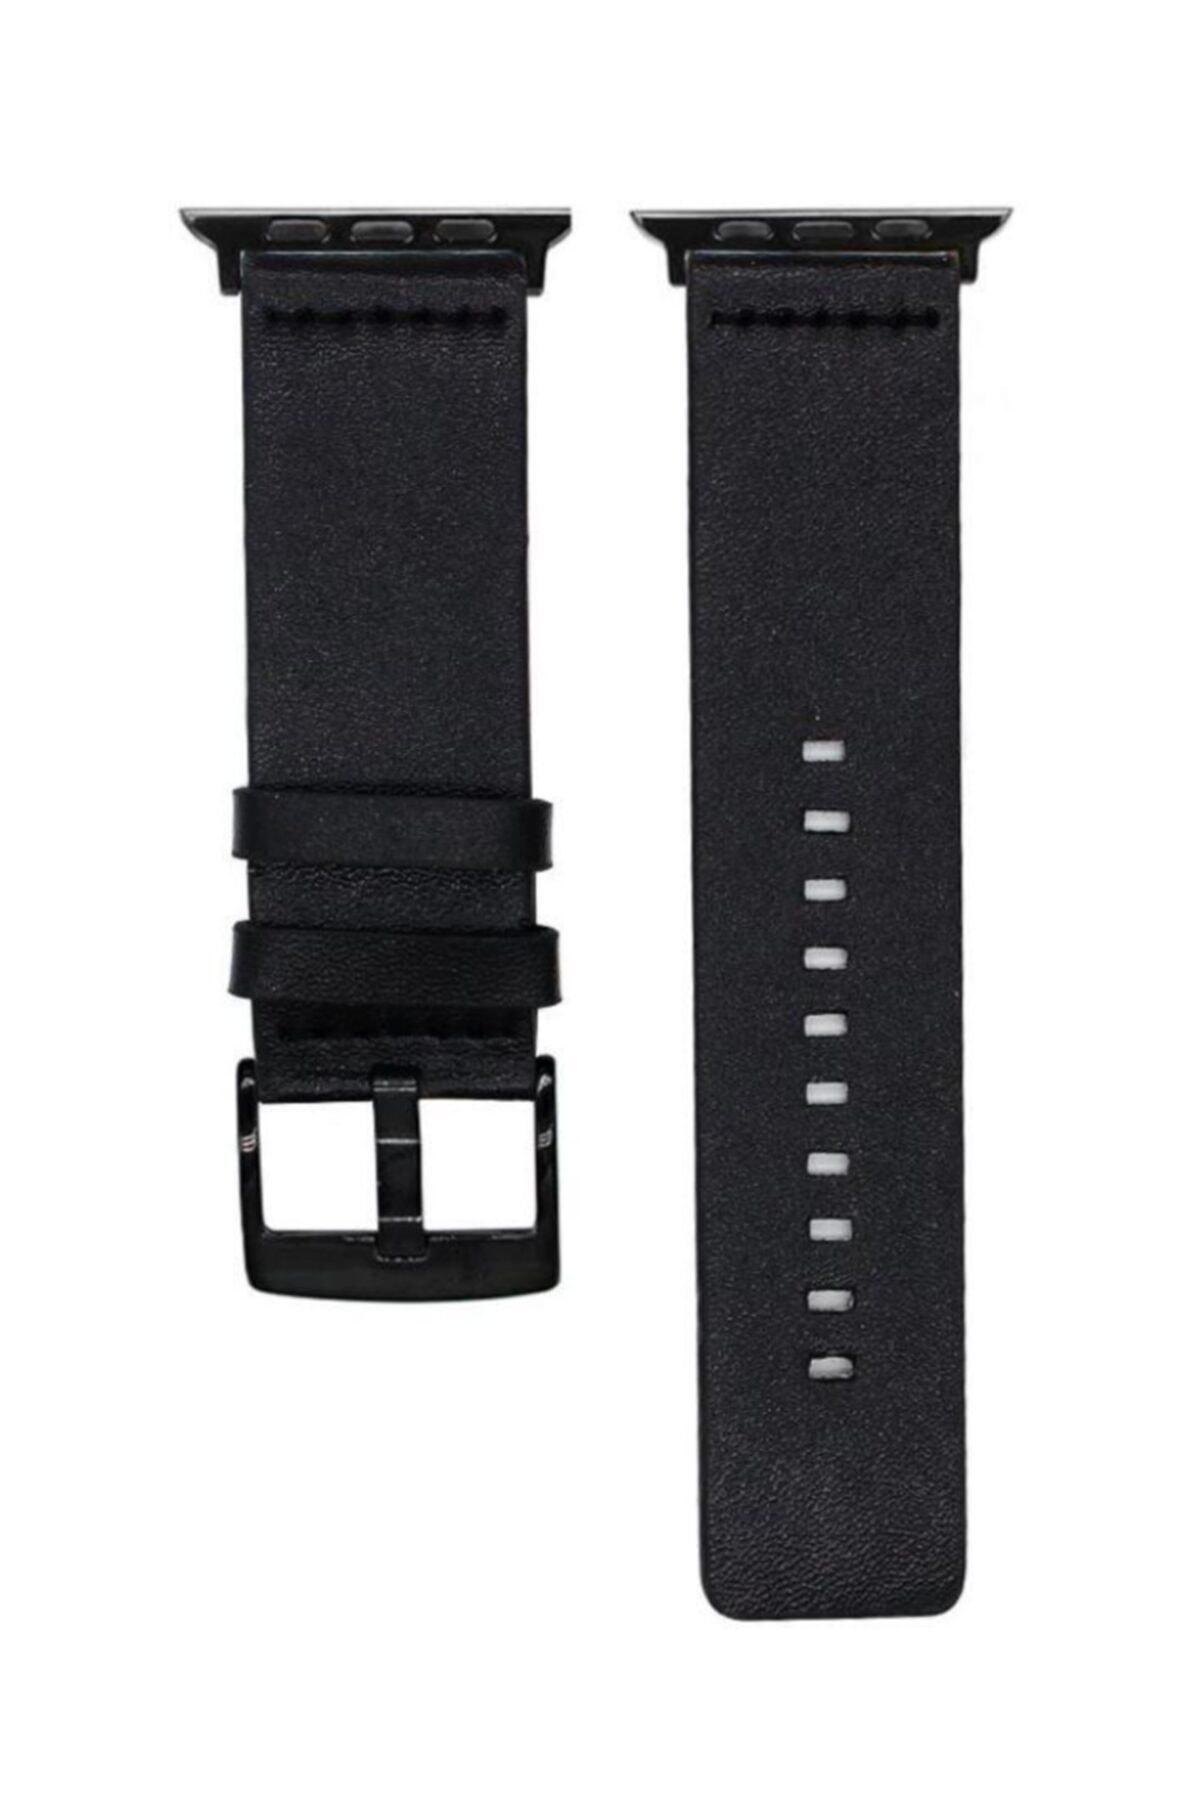 Schulzz Apple Watch Seri 1-2-3-4-5 Klasik 42-44 Mm Hakiki Deri Kordon Sıyah 2